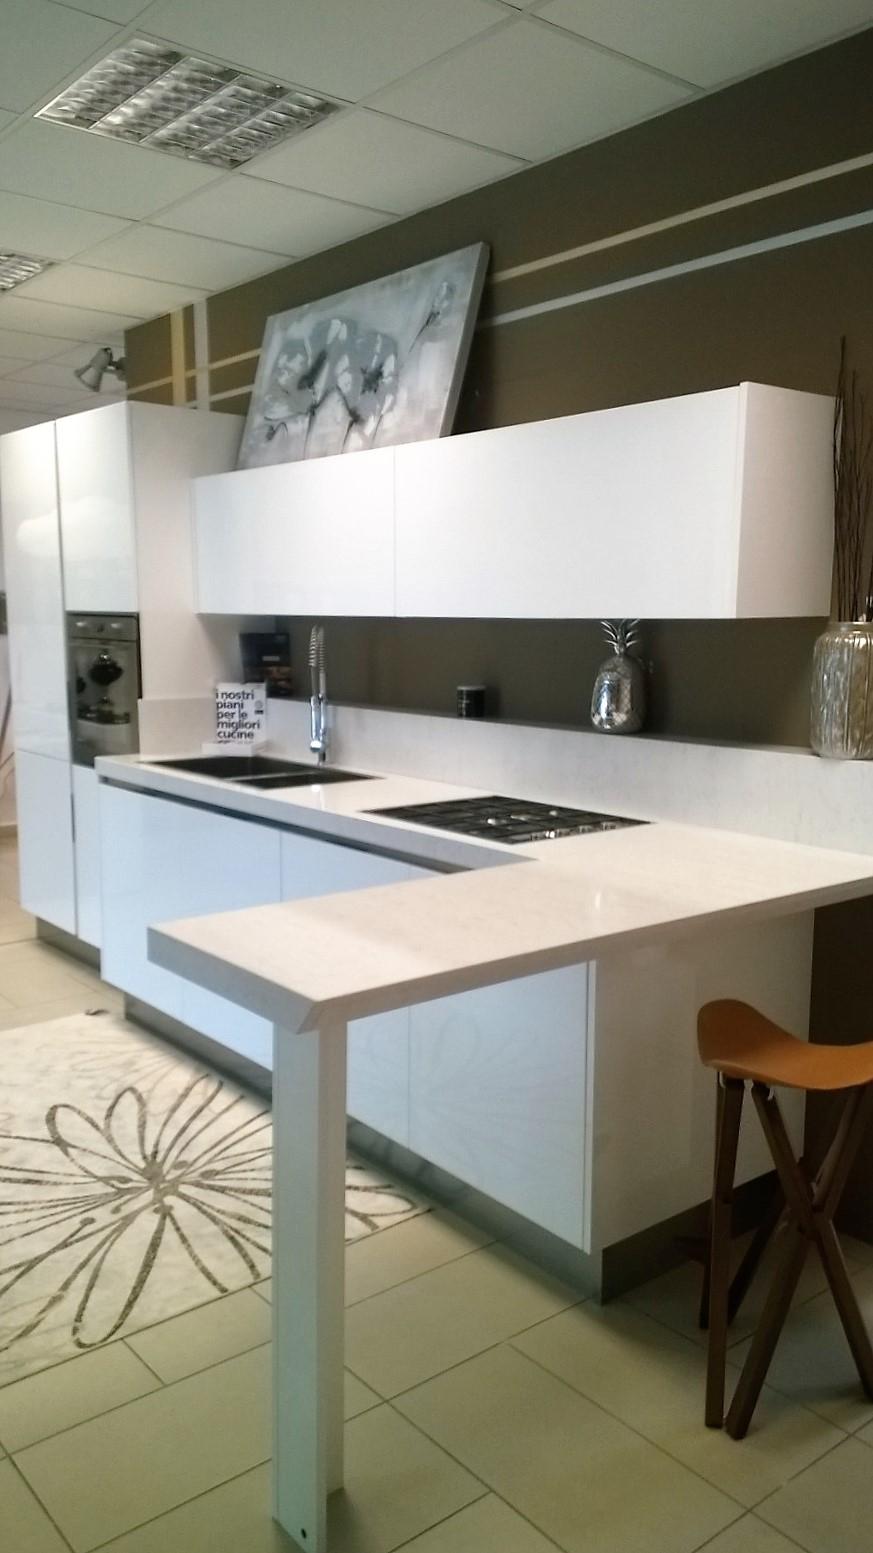 Cucina arredo3 mobili cucina arredo 3 polimerico moderno for Mobili arredo cucina